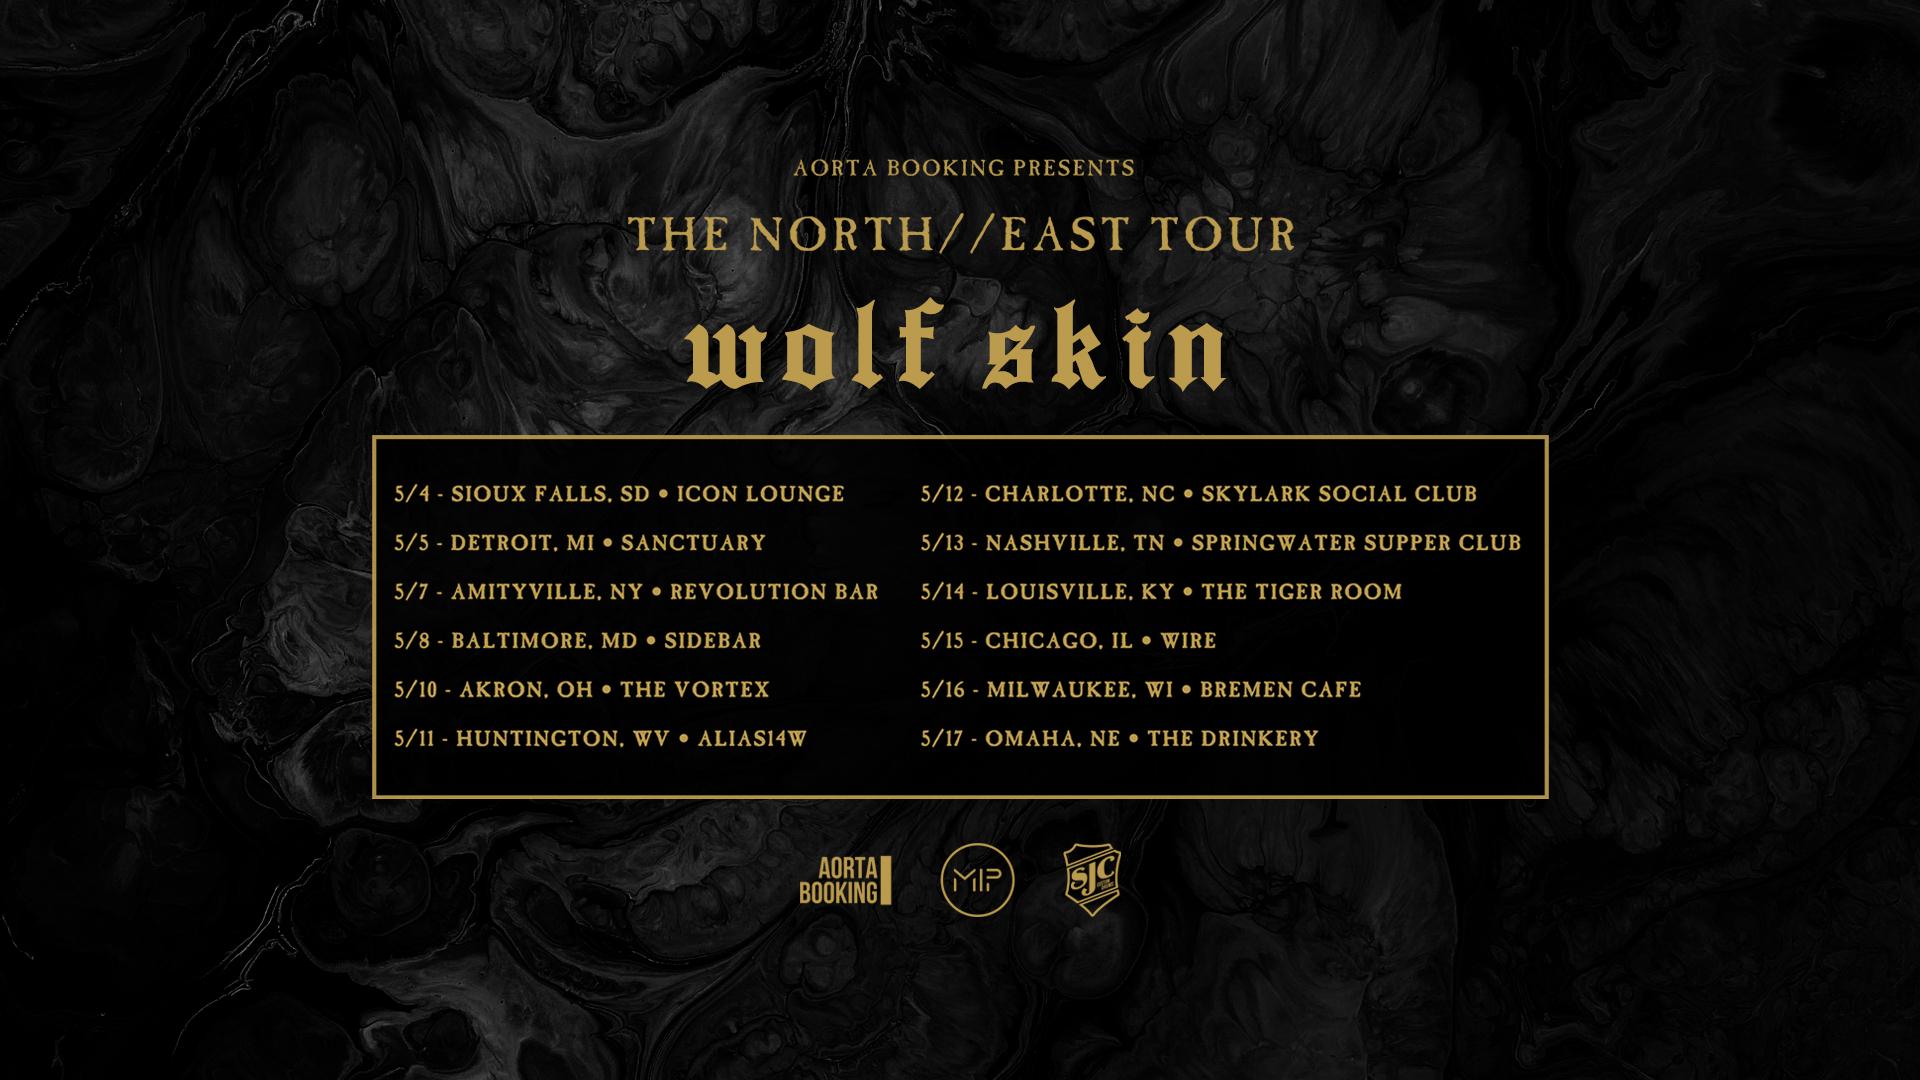 Wolf Skin Northeast Tour - FB Banner.jpg